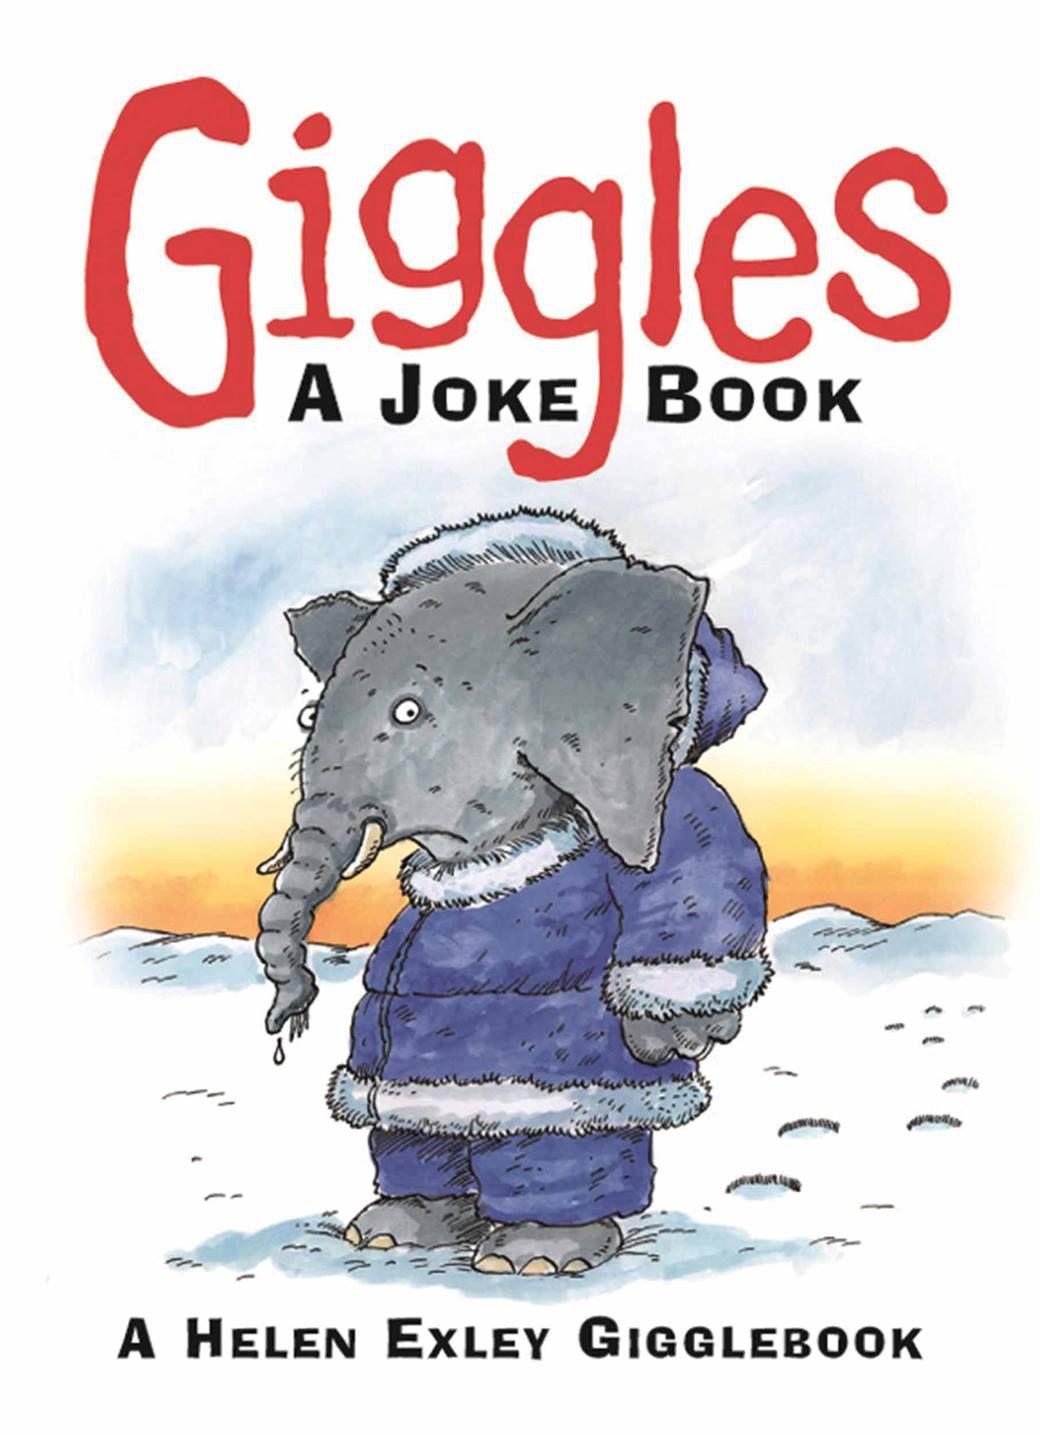 Giggles A Joke Book.jpg.optimal